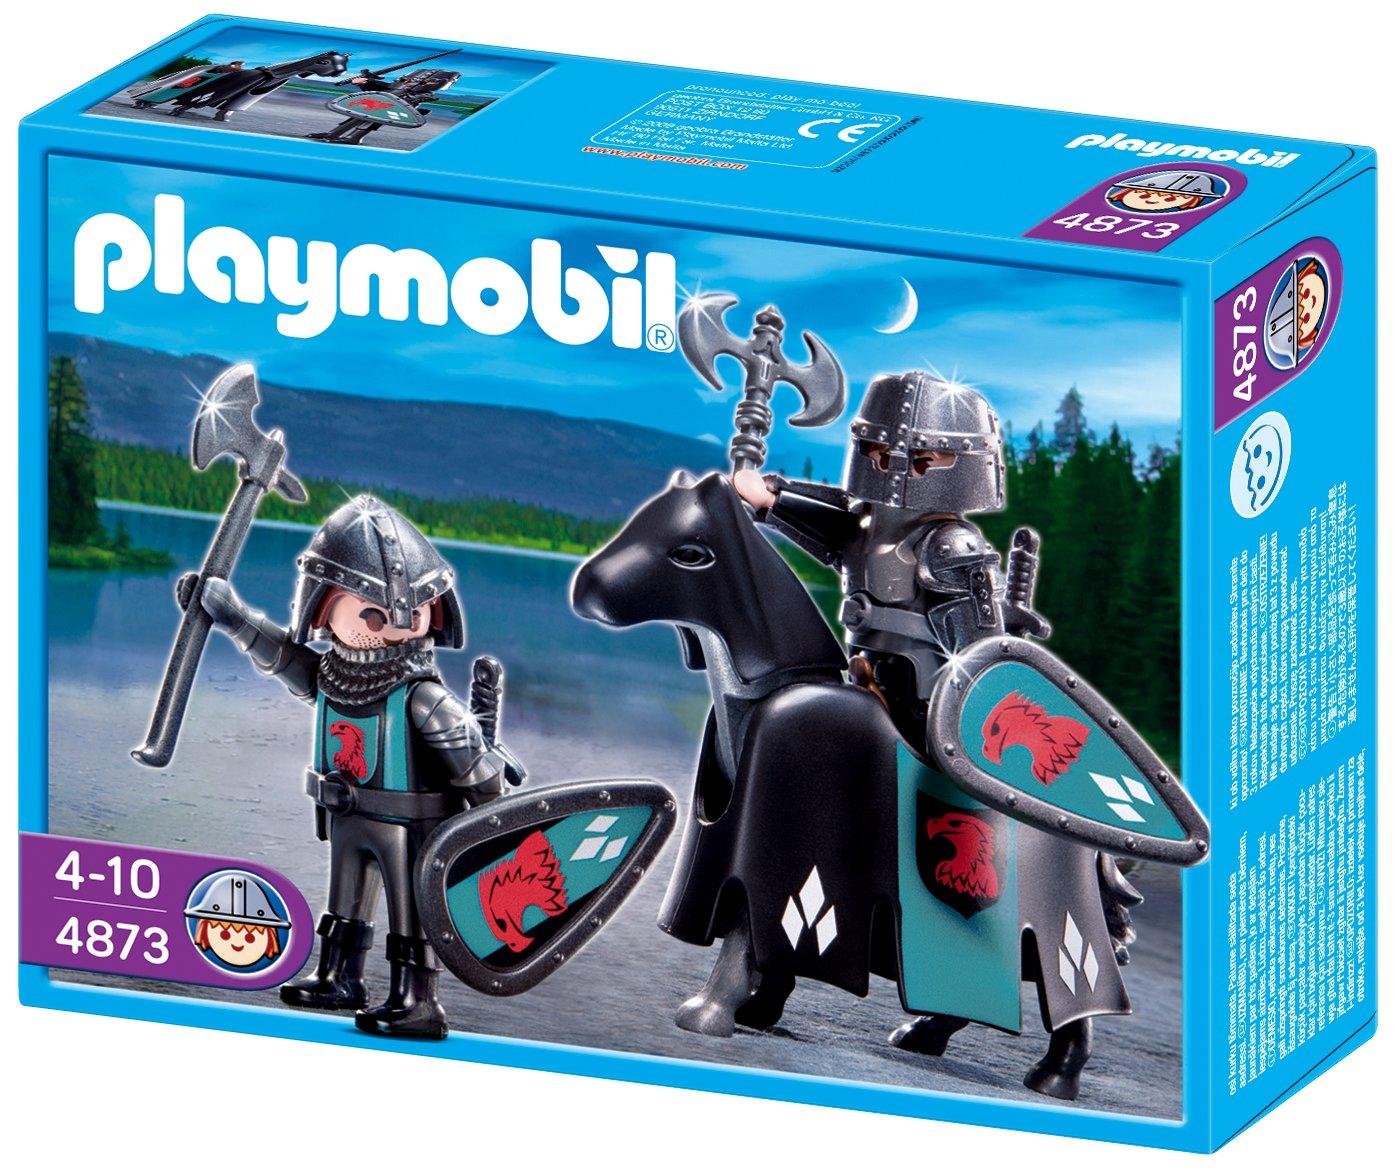 4873 chevaliers du faucon de playmobil for Playmobil 4865 prix